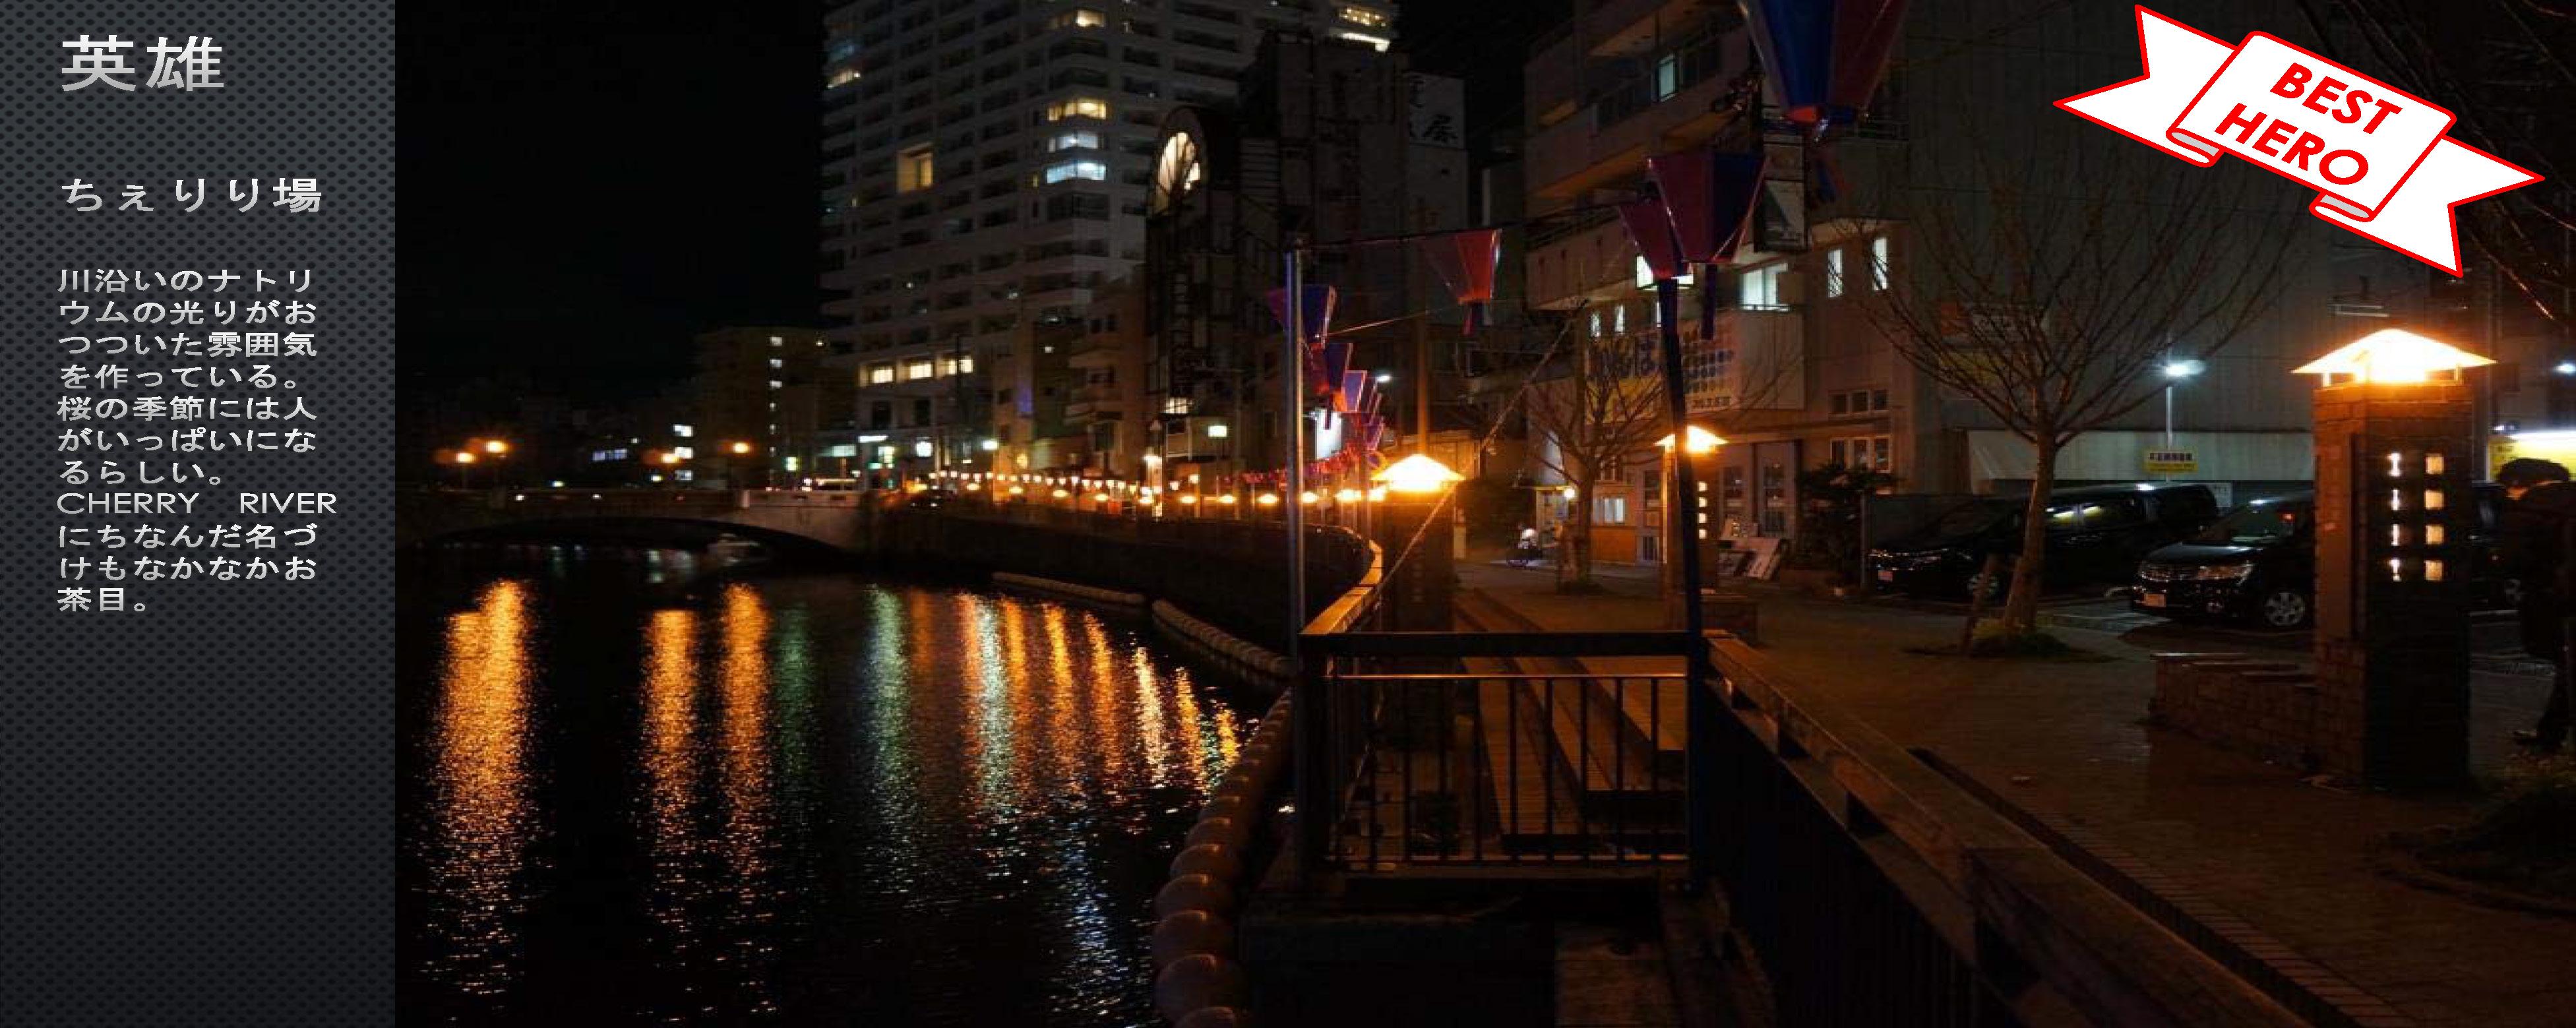 横浜街歩き4班